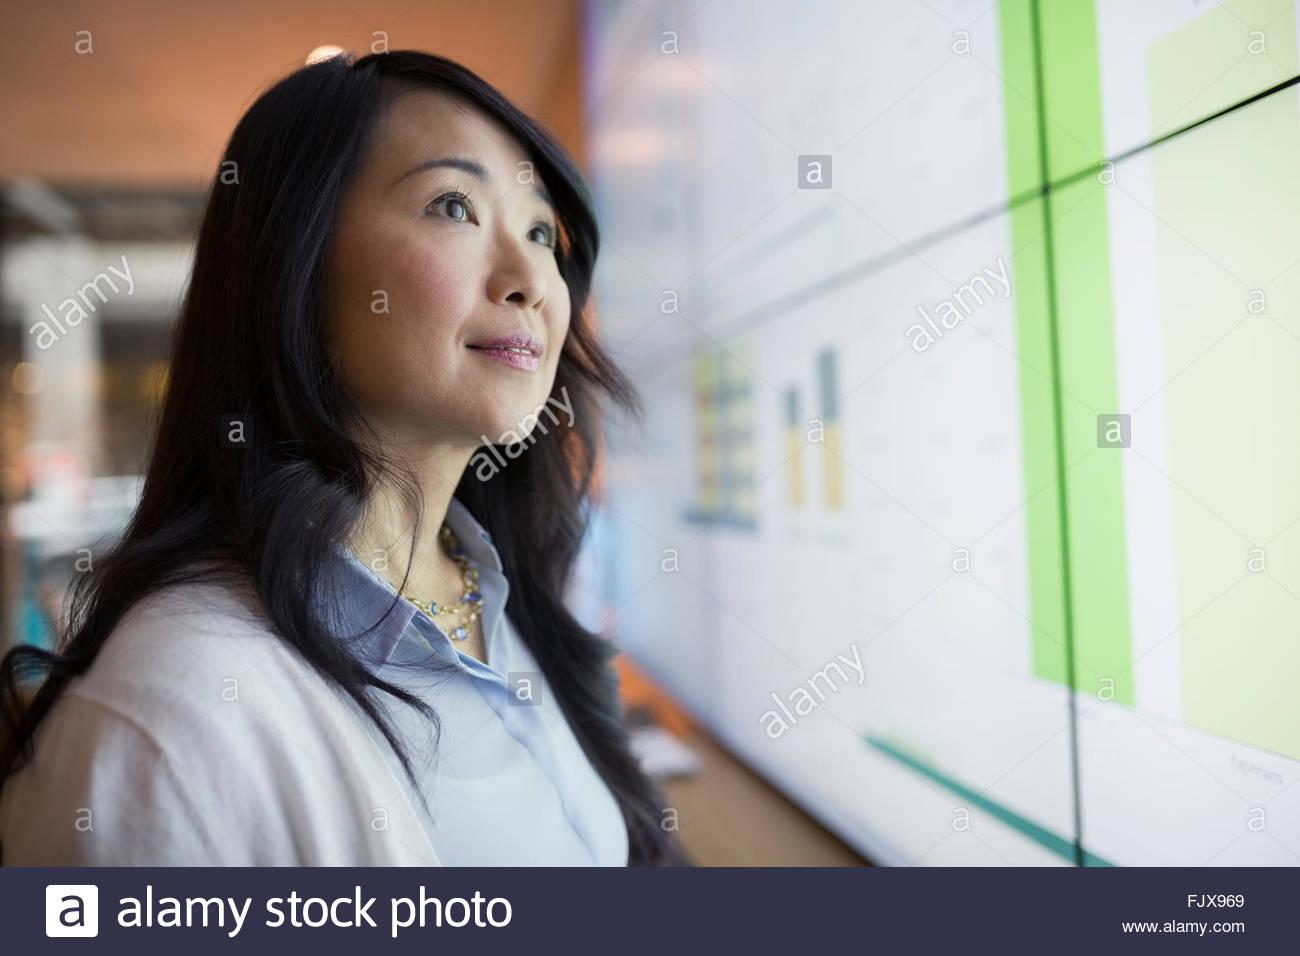 Curioso empresaria mirando hacia arriba en la pantalla de proyección. Imagen De Stock